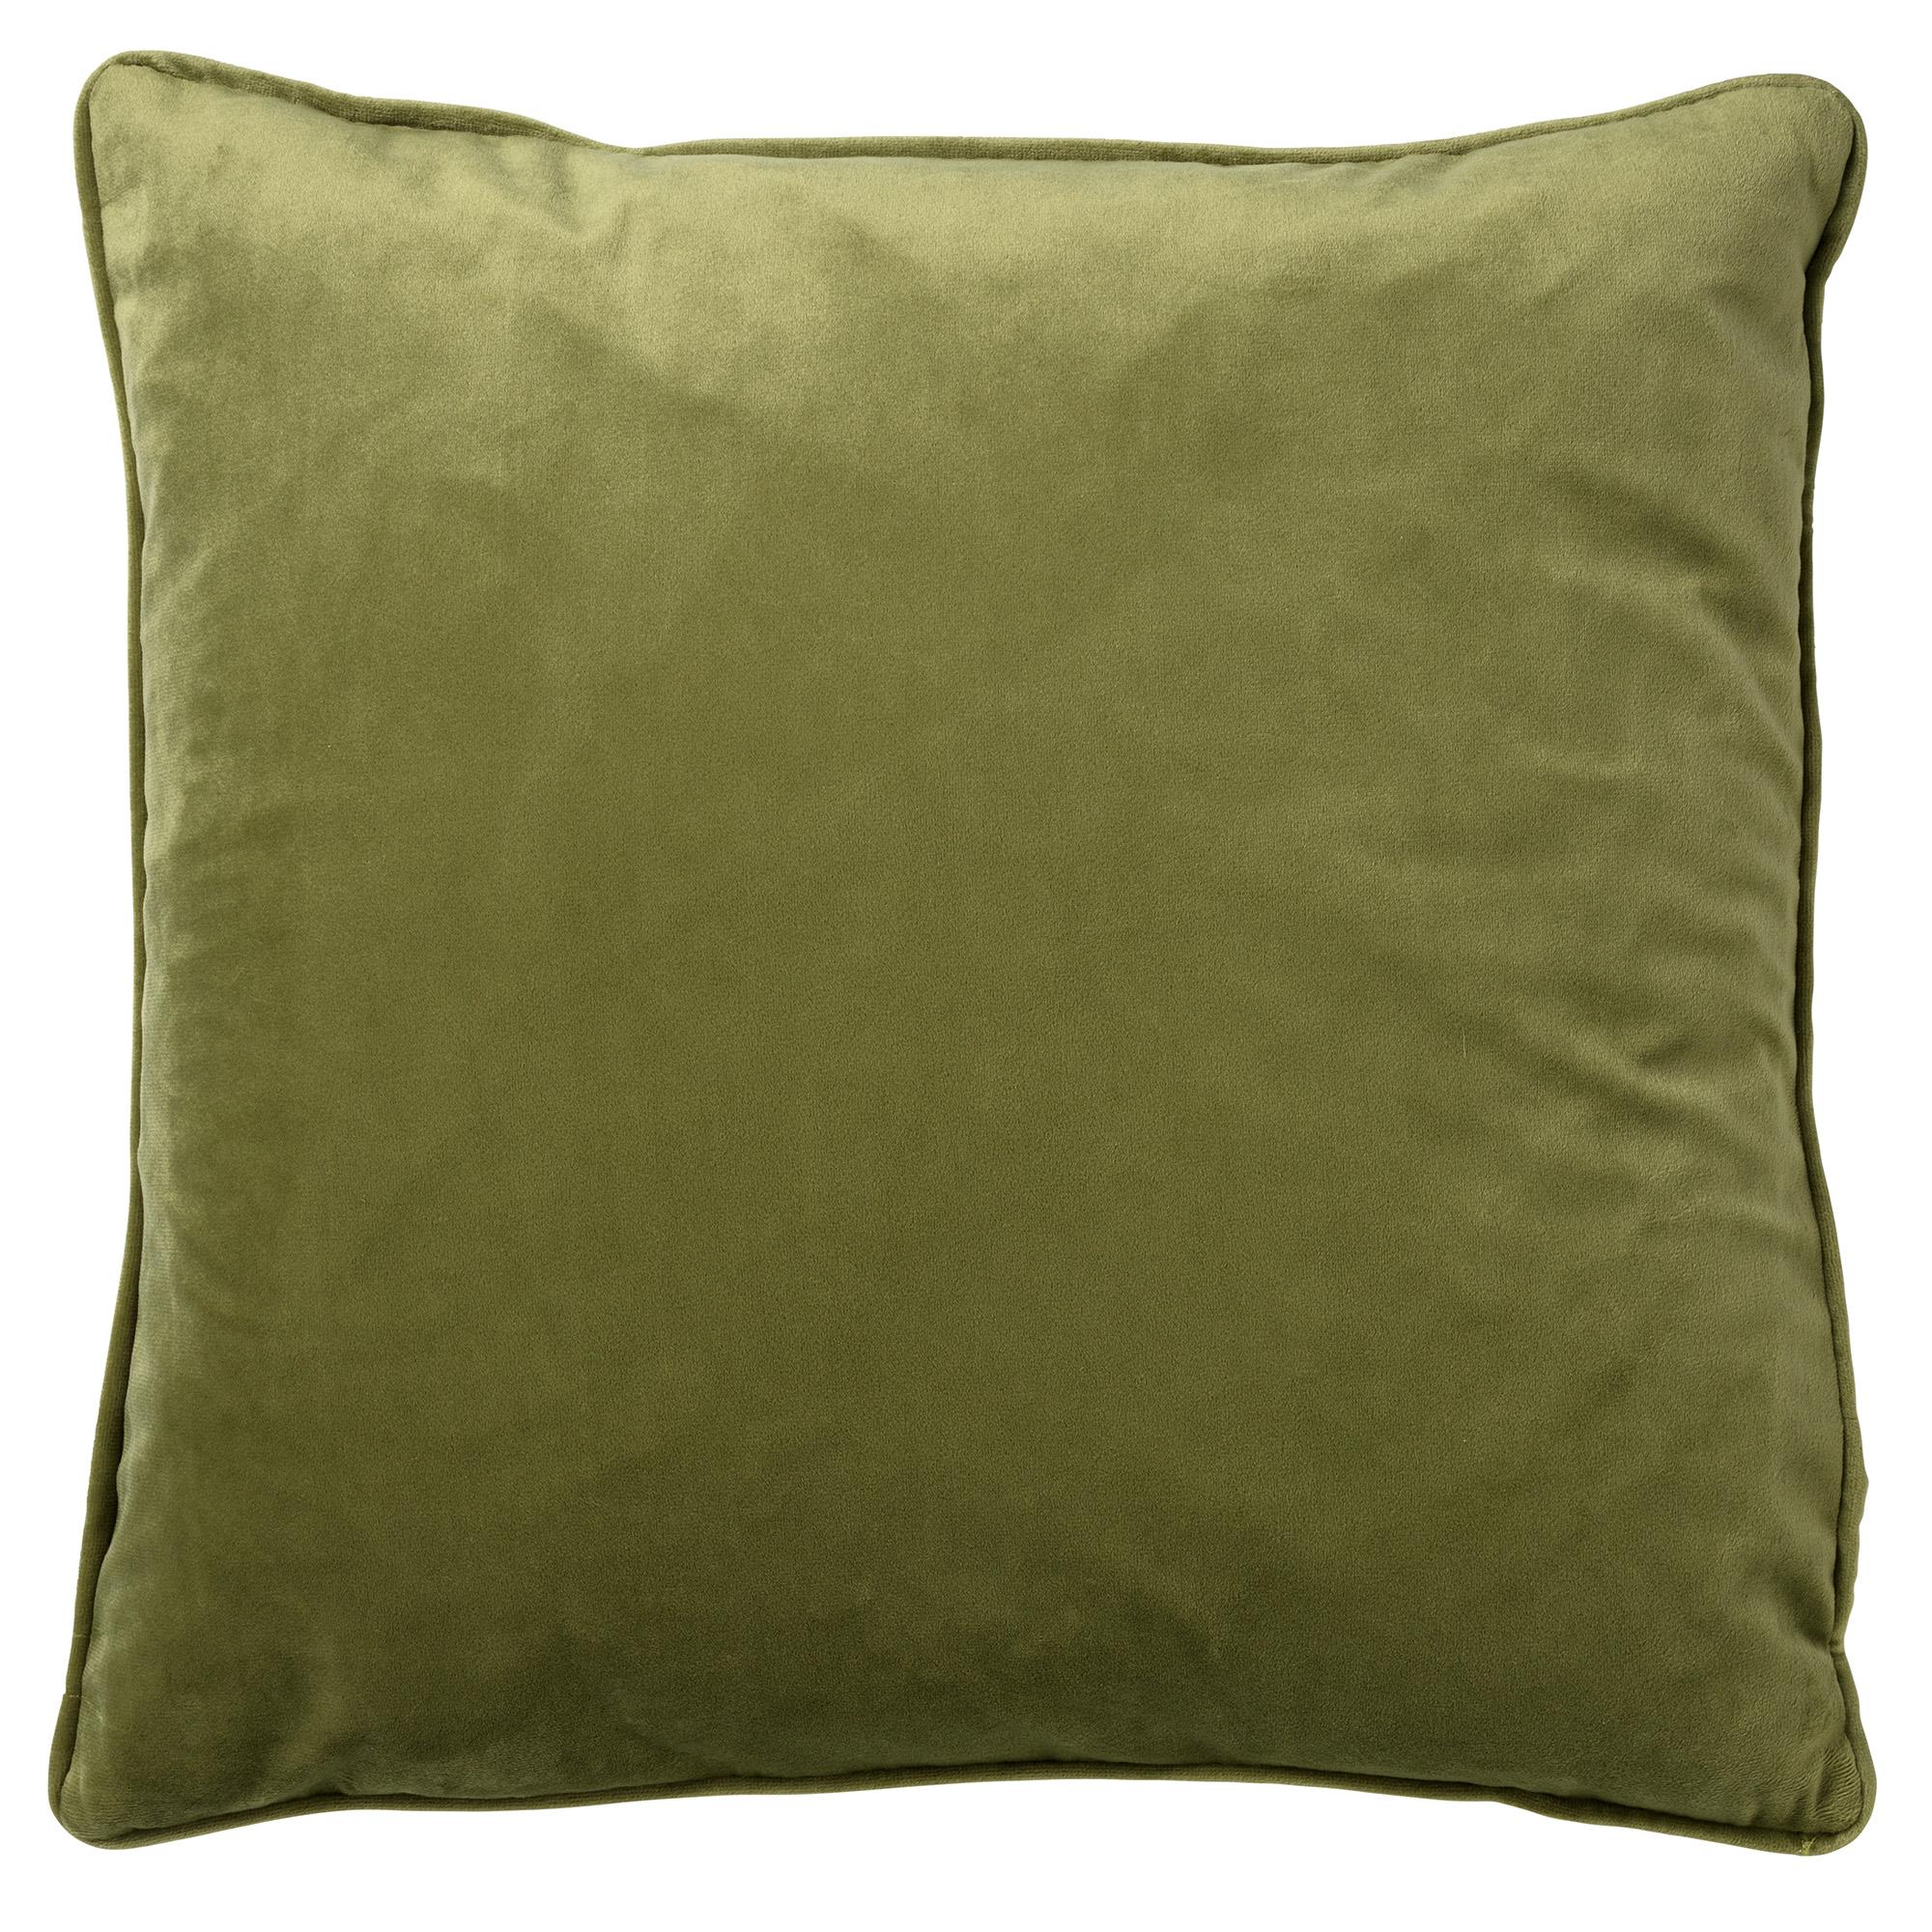 FINN - Kussenhoes velvet Calliste Green 45x45 cm